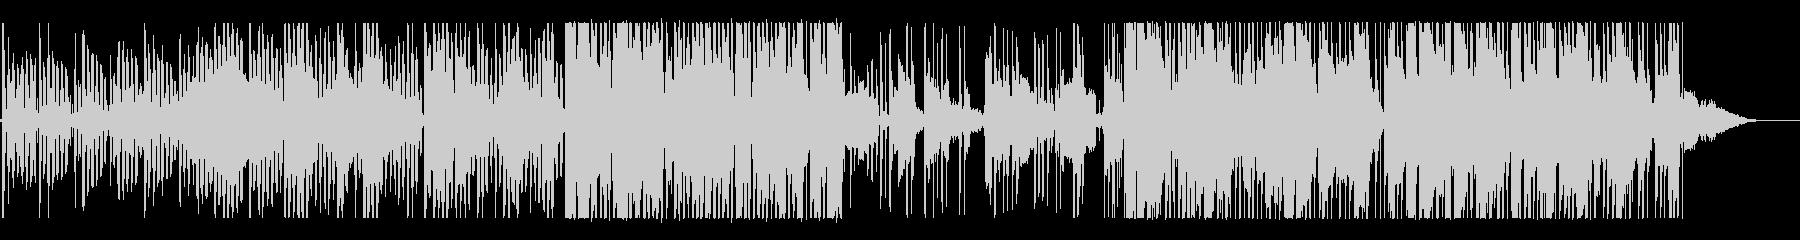 ギター ローファイヒップホップ Lofiの未再生の波形